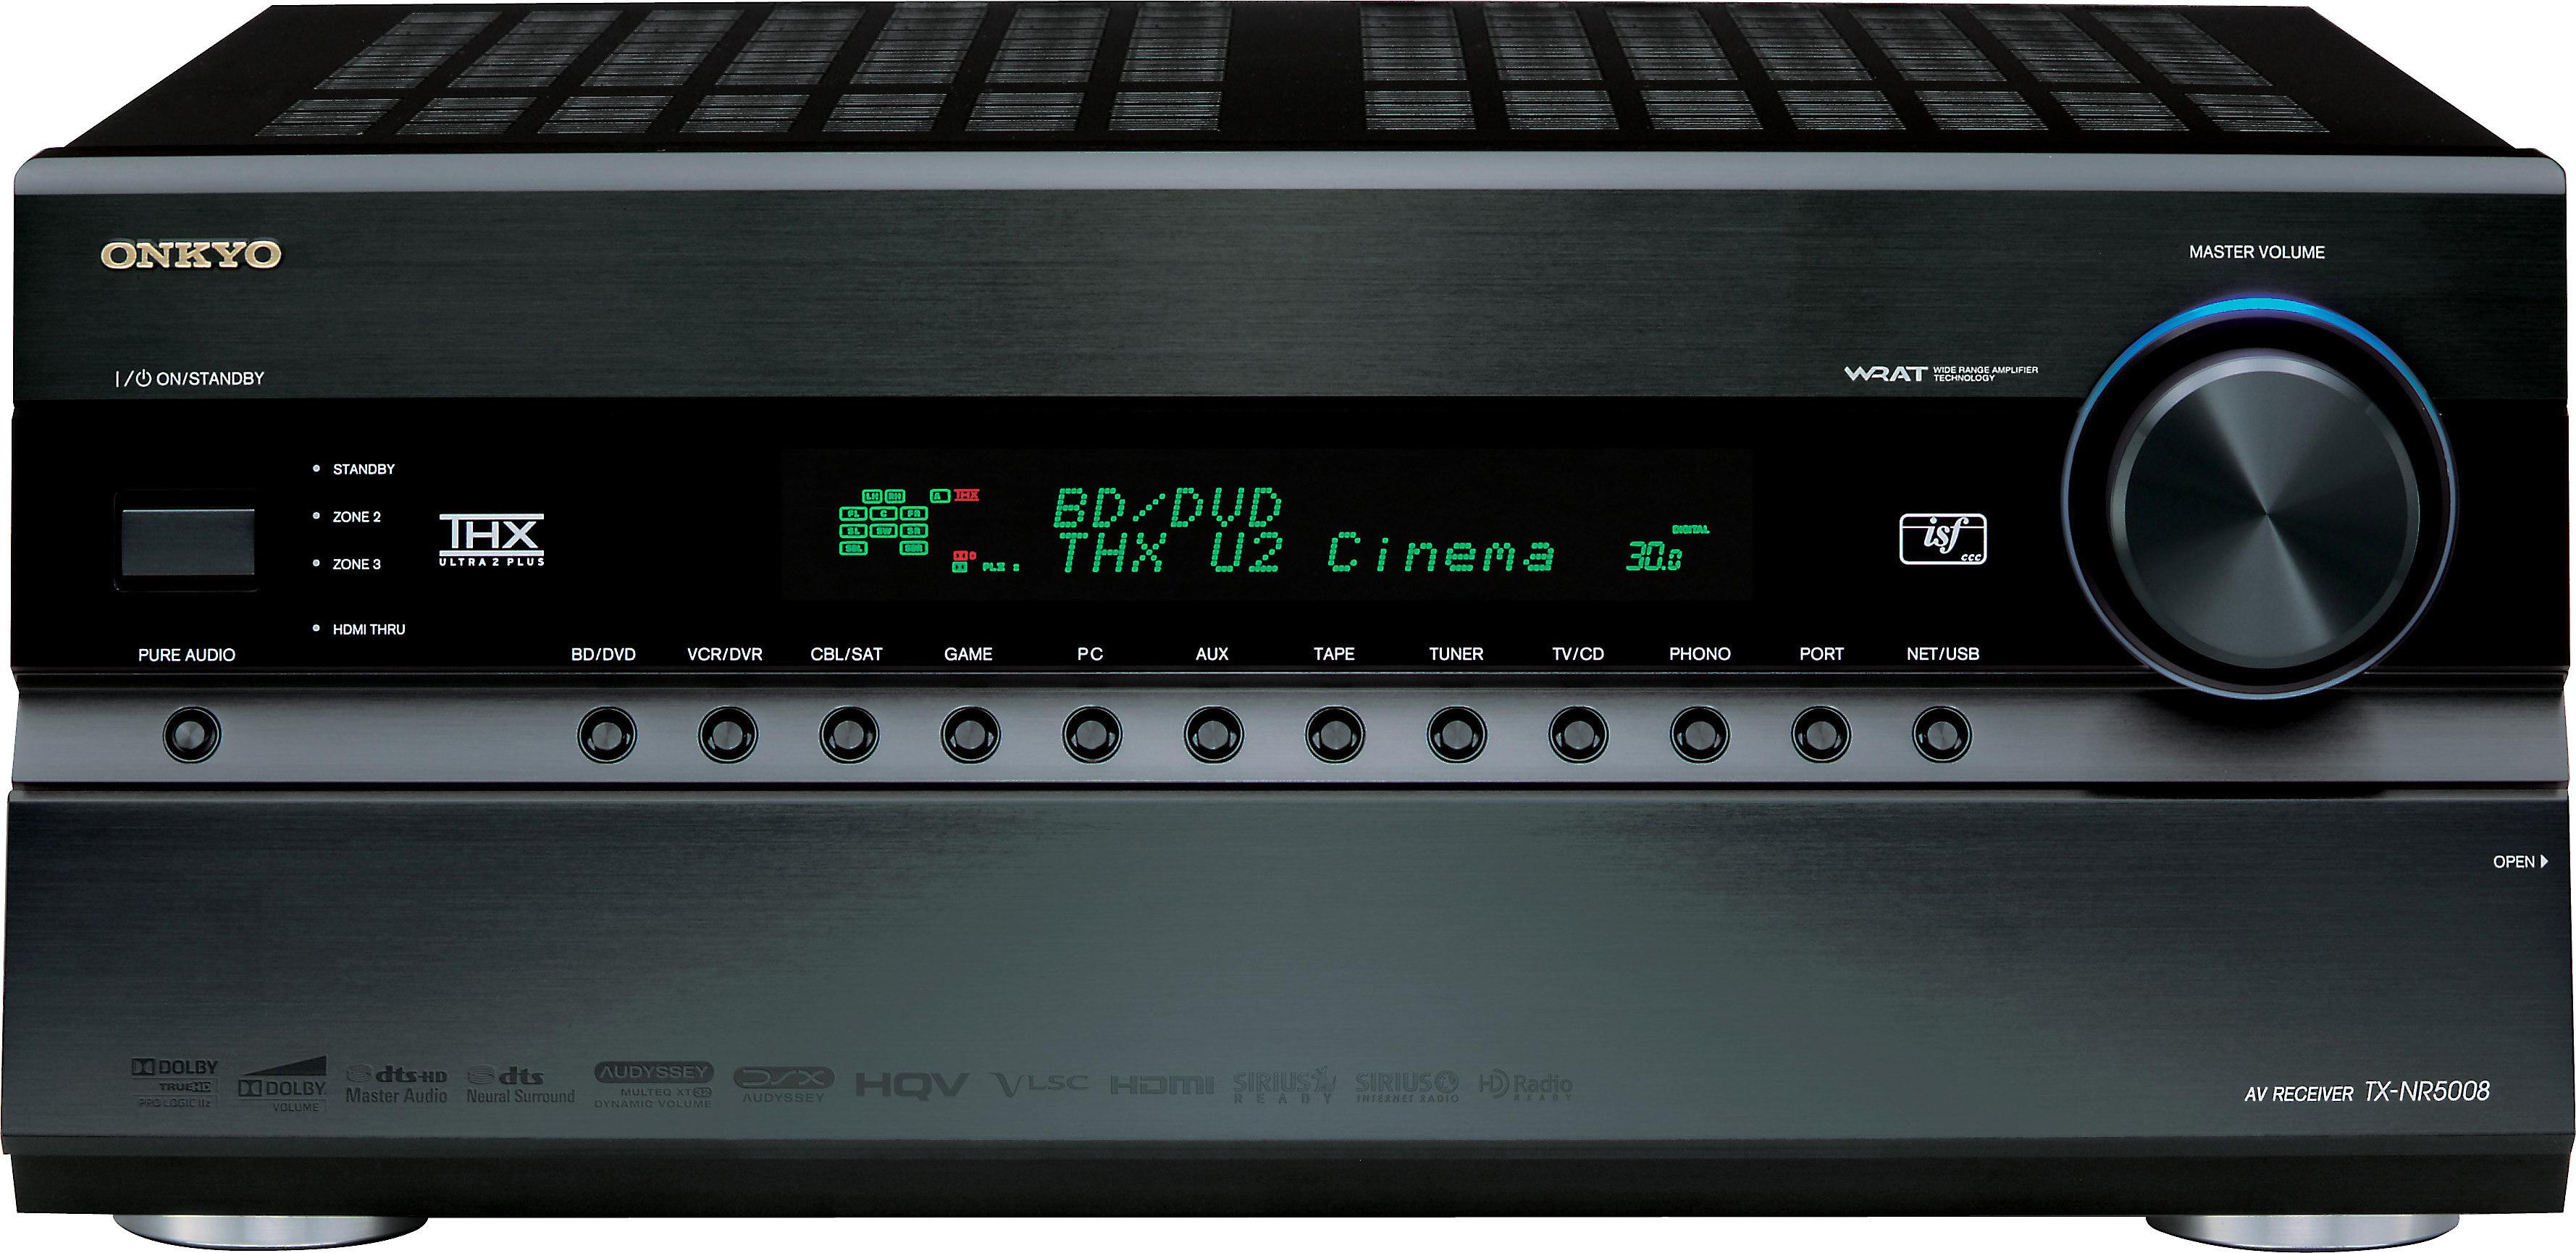 Onkyo TX-NR5008